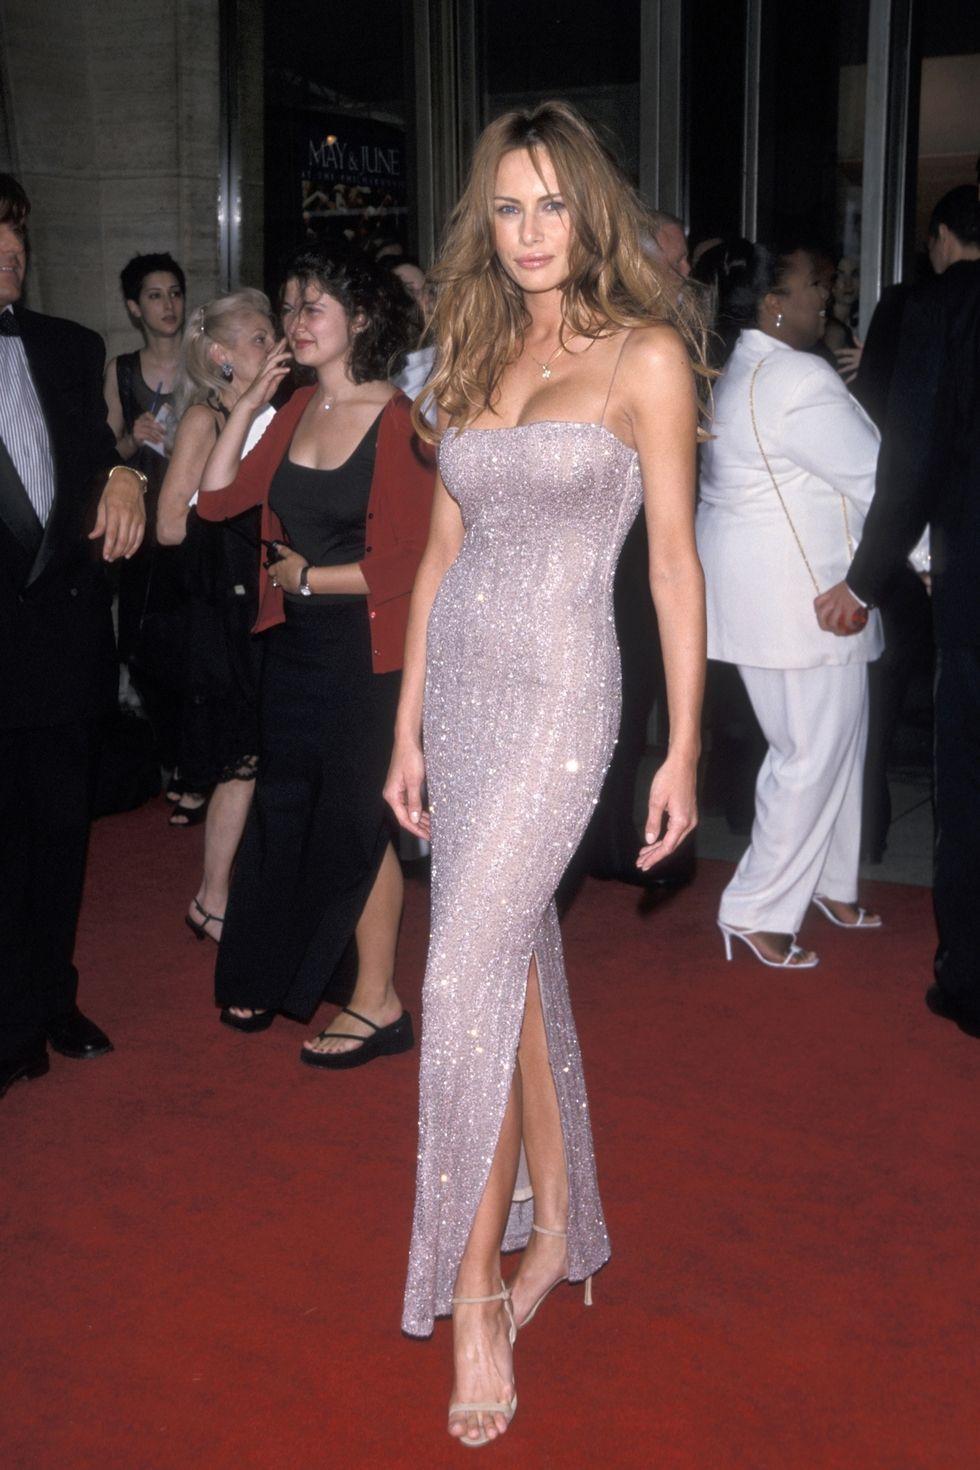 Nhìn lại chặng đường xây dựng phong cách thời trang từ siêu mẫu đến bà chủ Nhà Trắng của Melania Trump